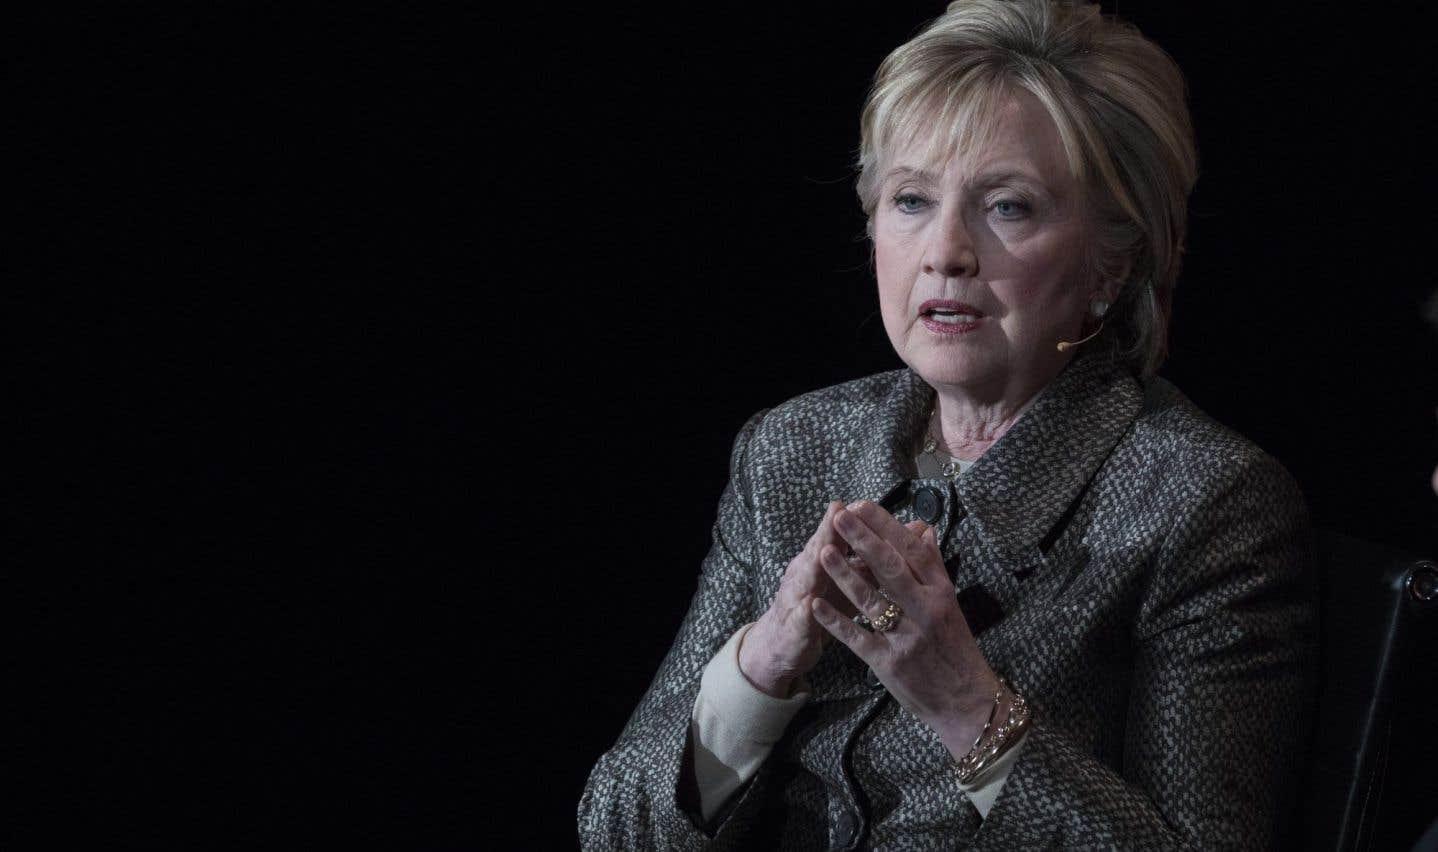 L'ancienne candidate démocrate à la Maison-Blanche Hillary Clinton